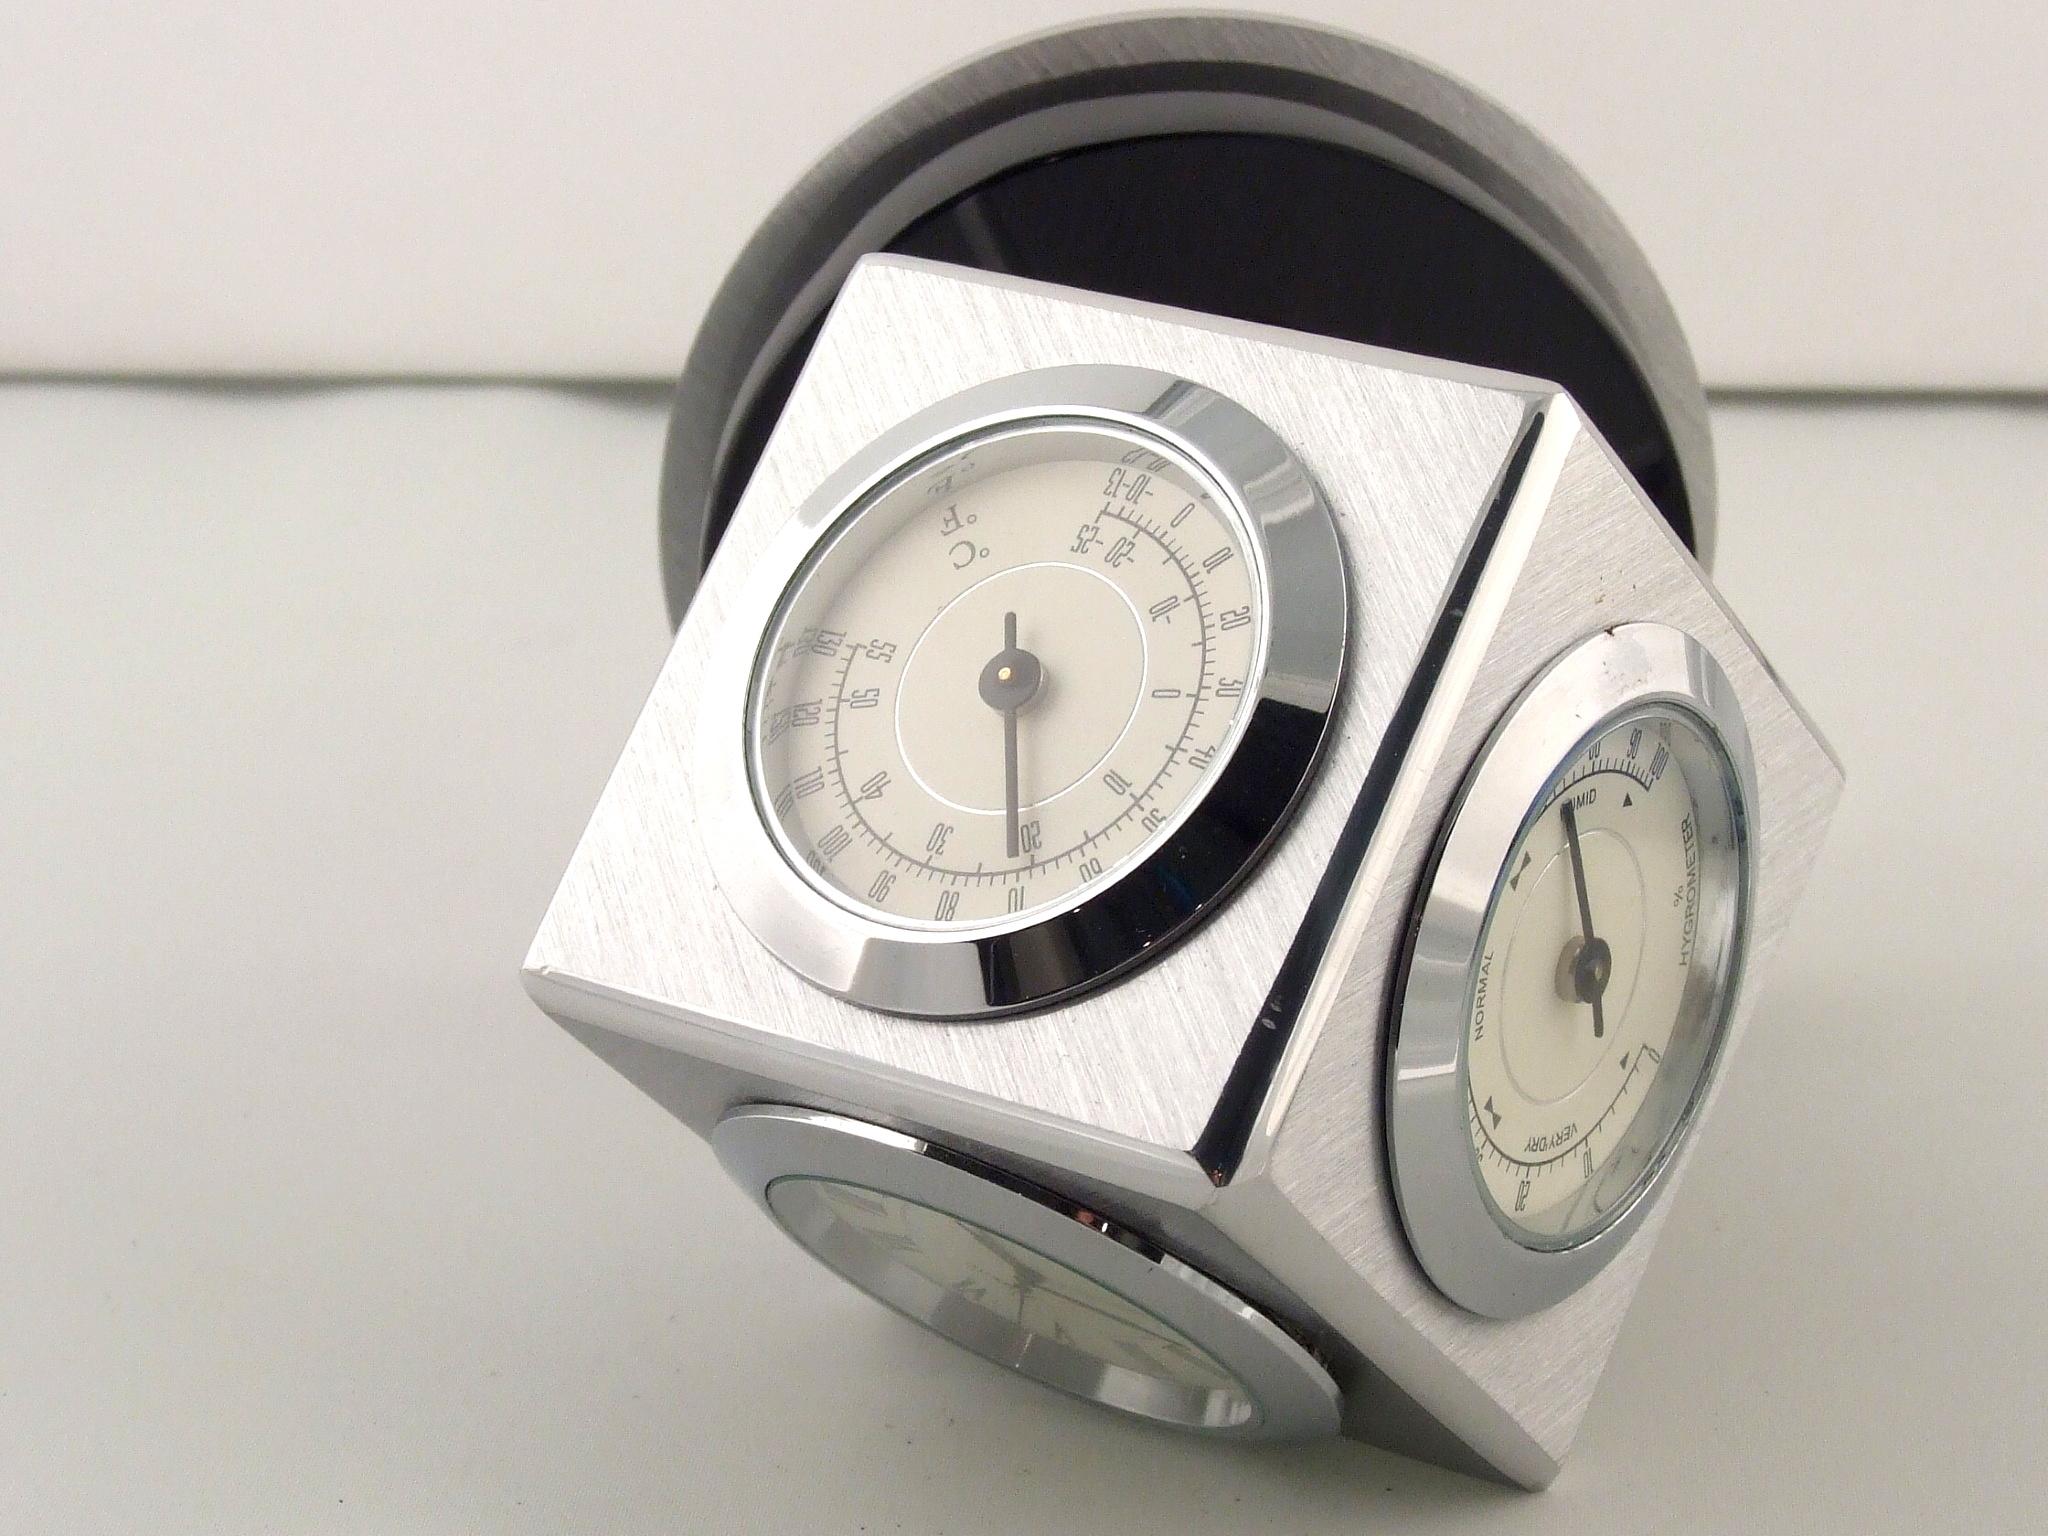 Pierre cardin table clock hygrometer thermometer ebay for Orologio da tavolo thun